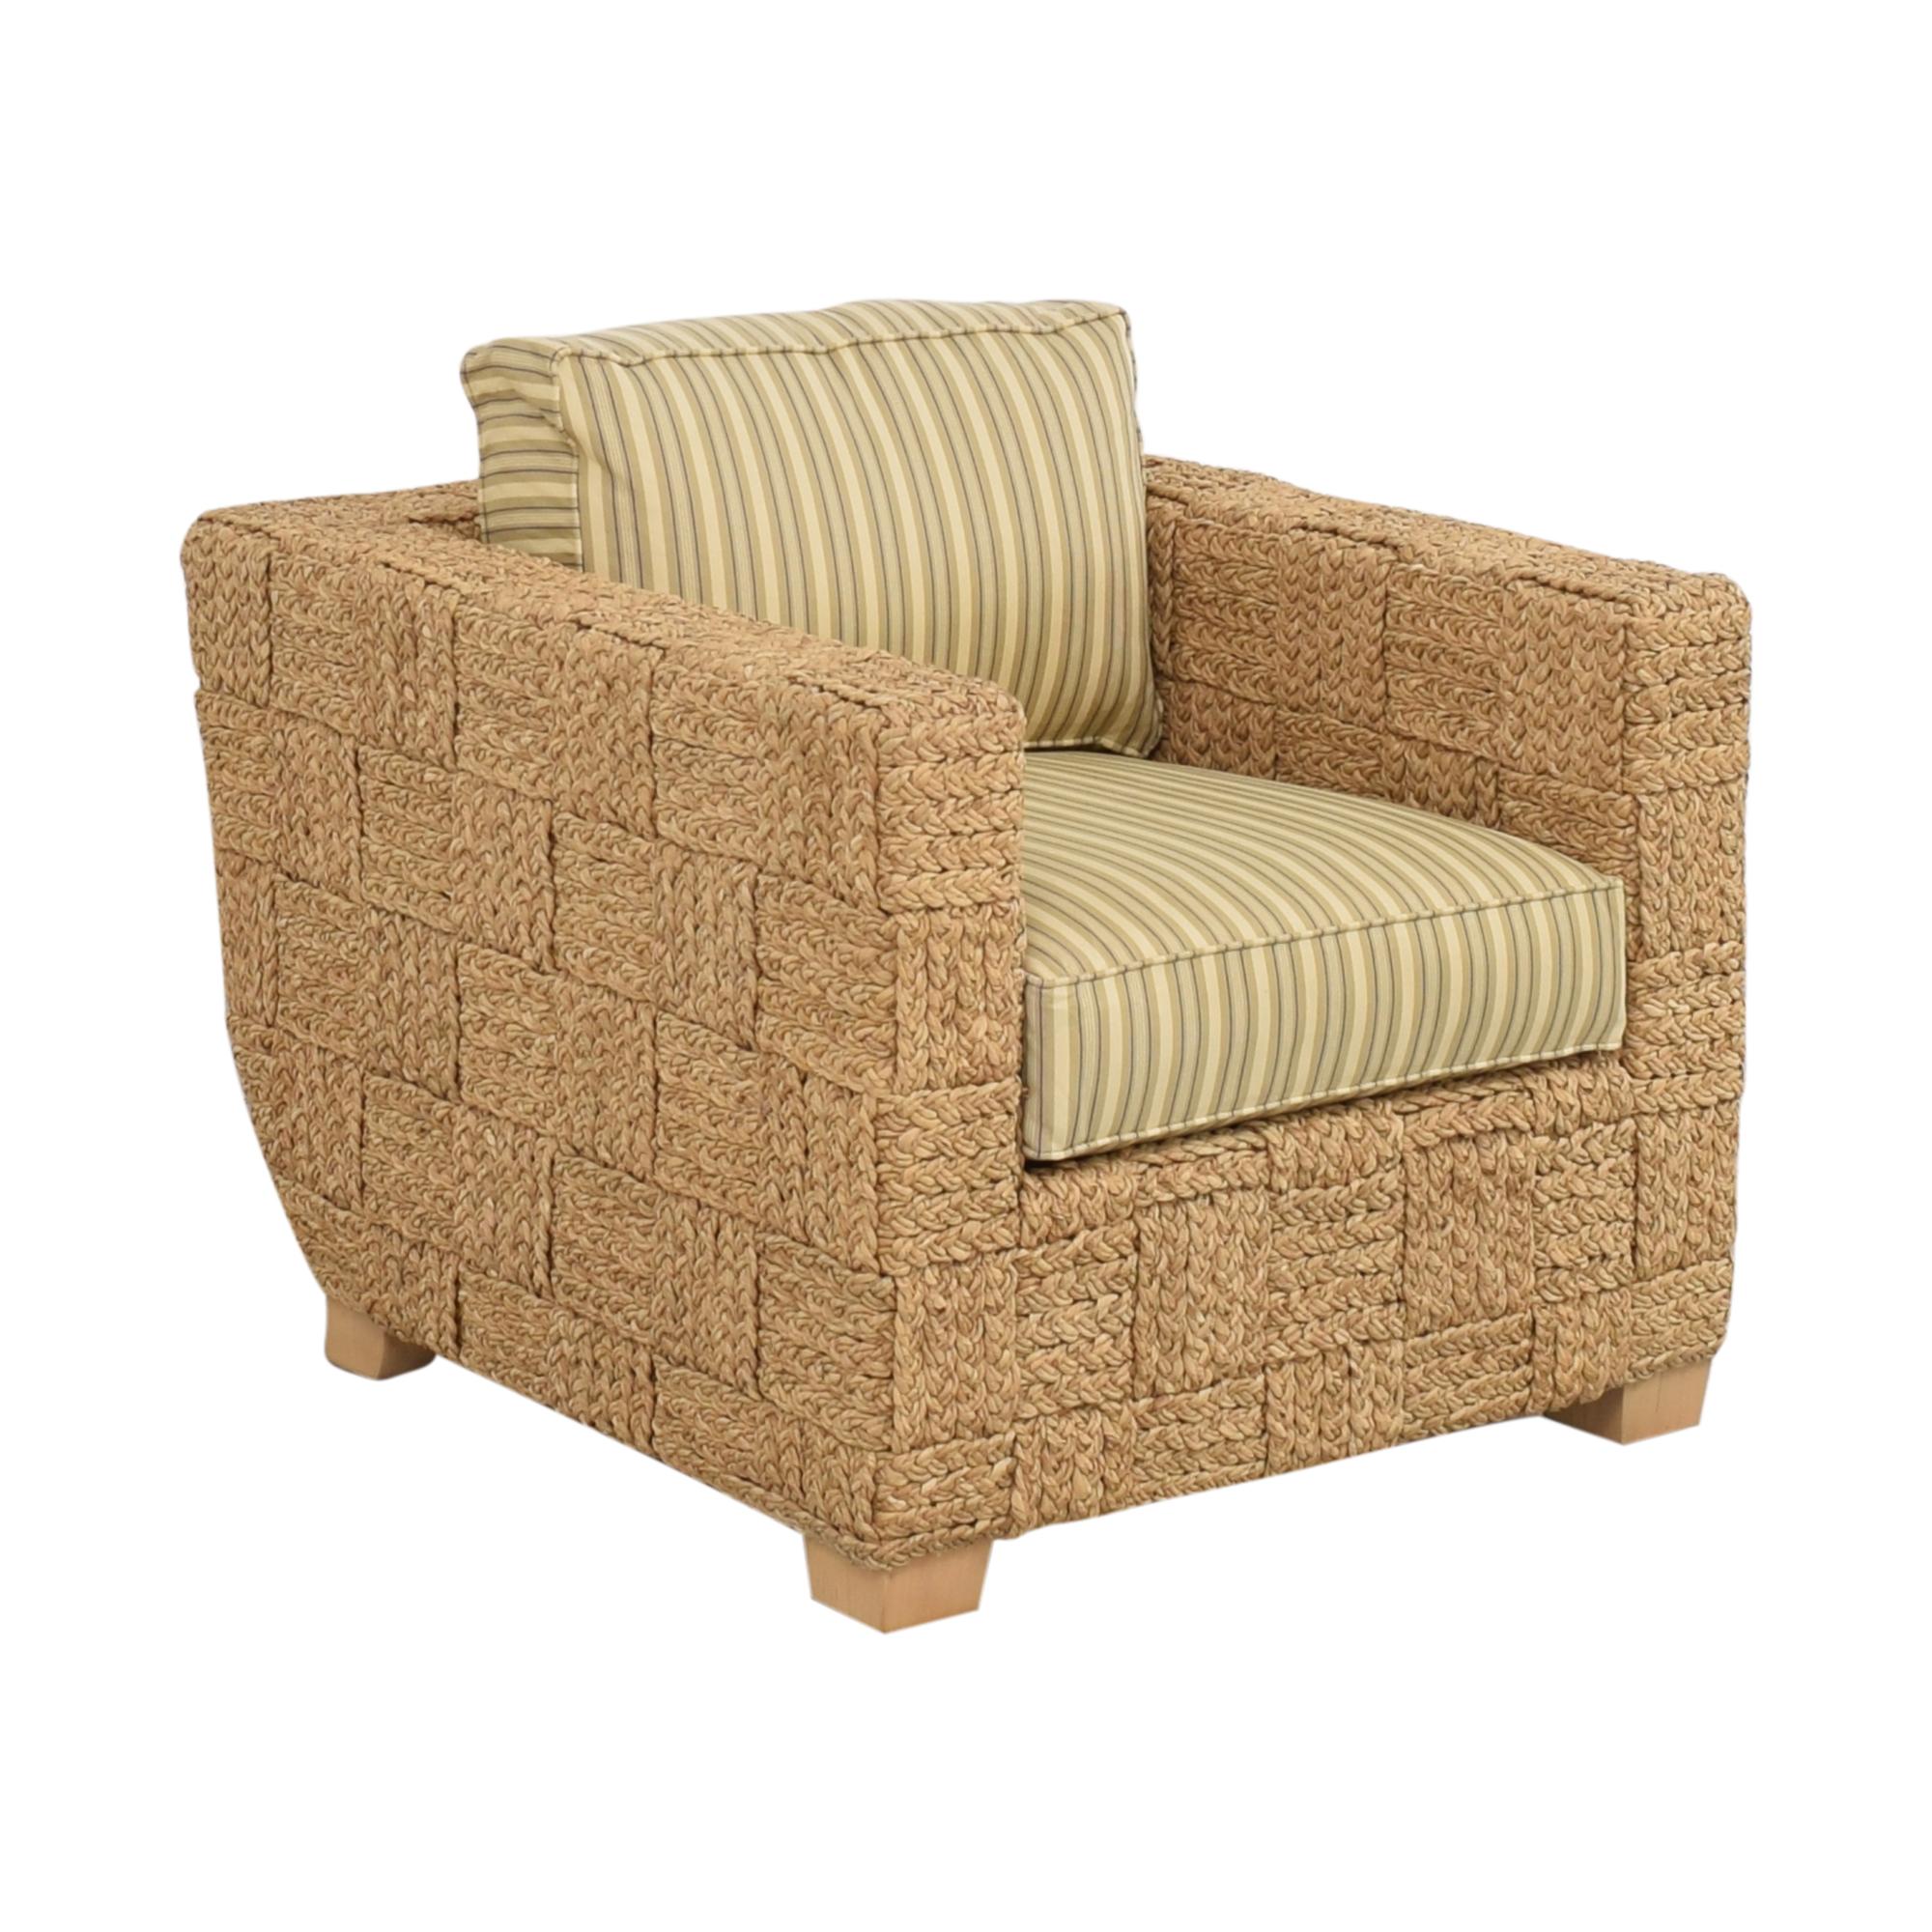 Ralph Lauren Home Ralph Lauren Home Accent Chair with Ottoman second hand